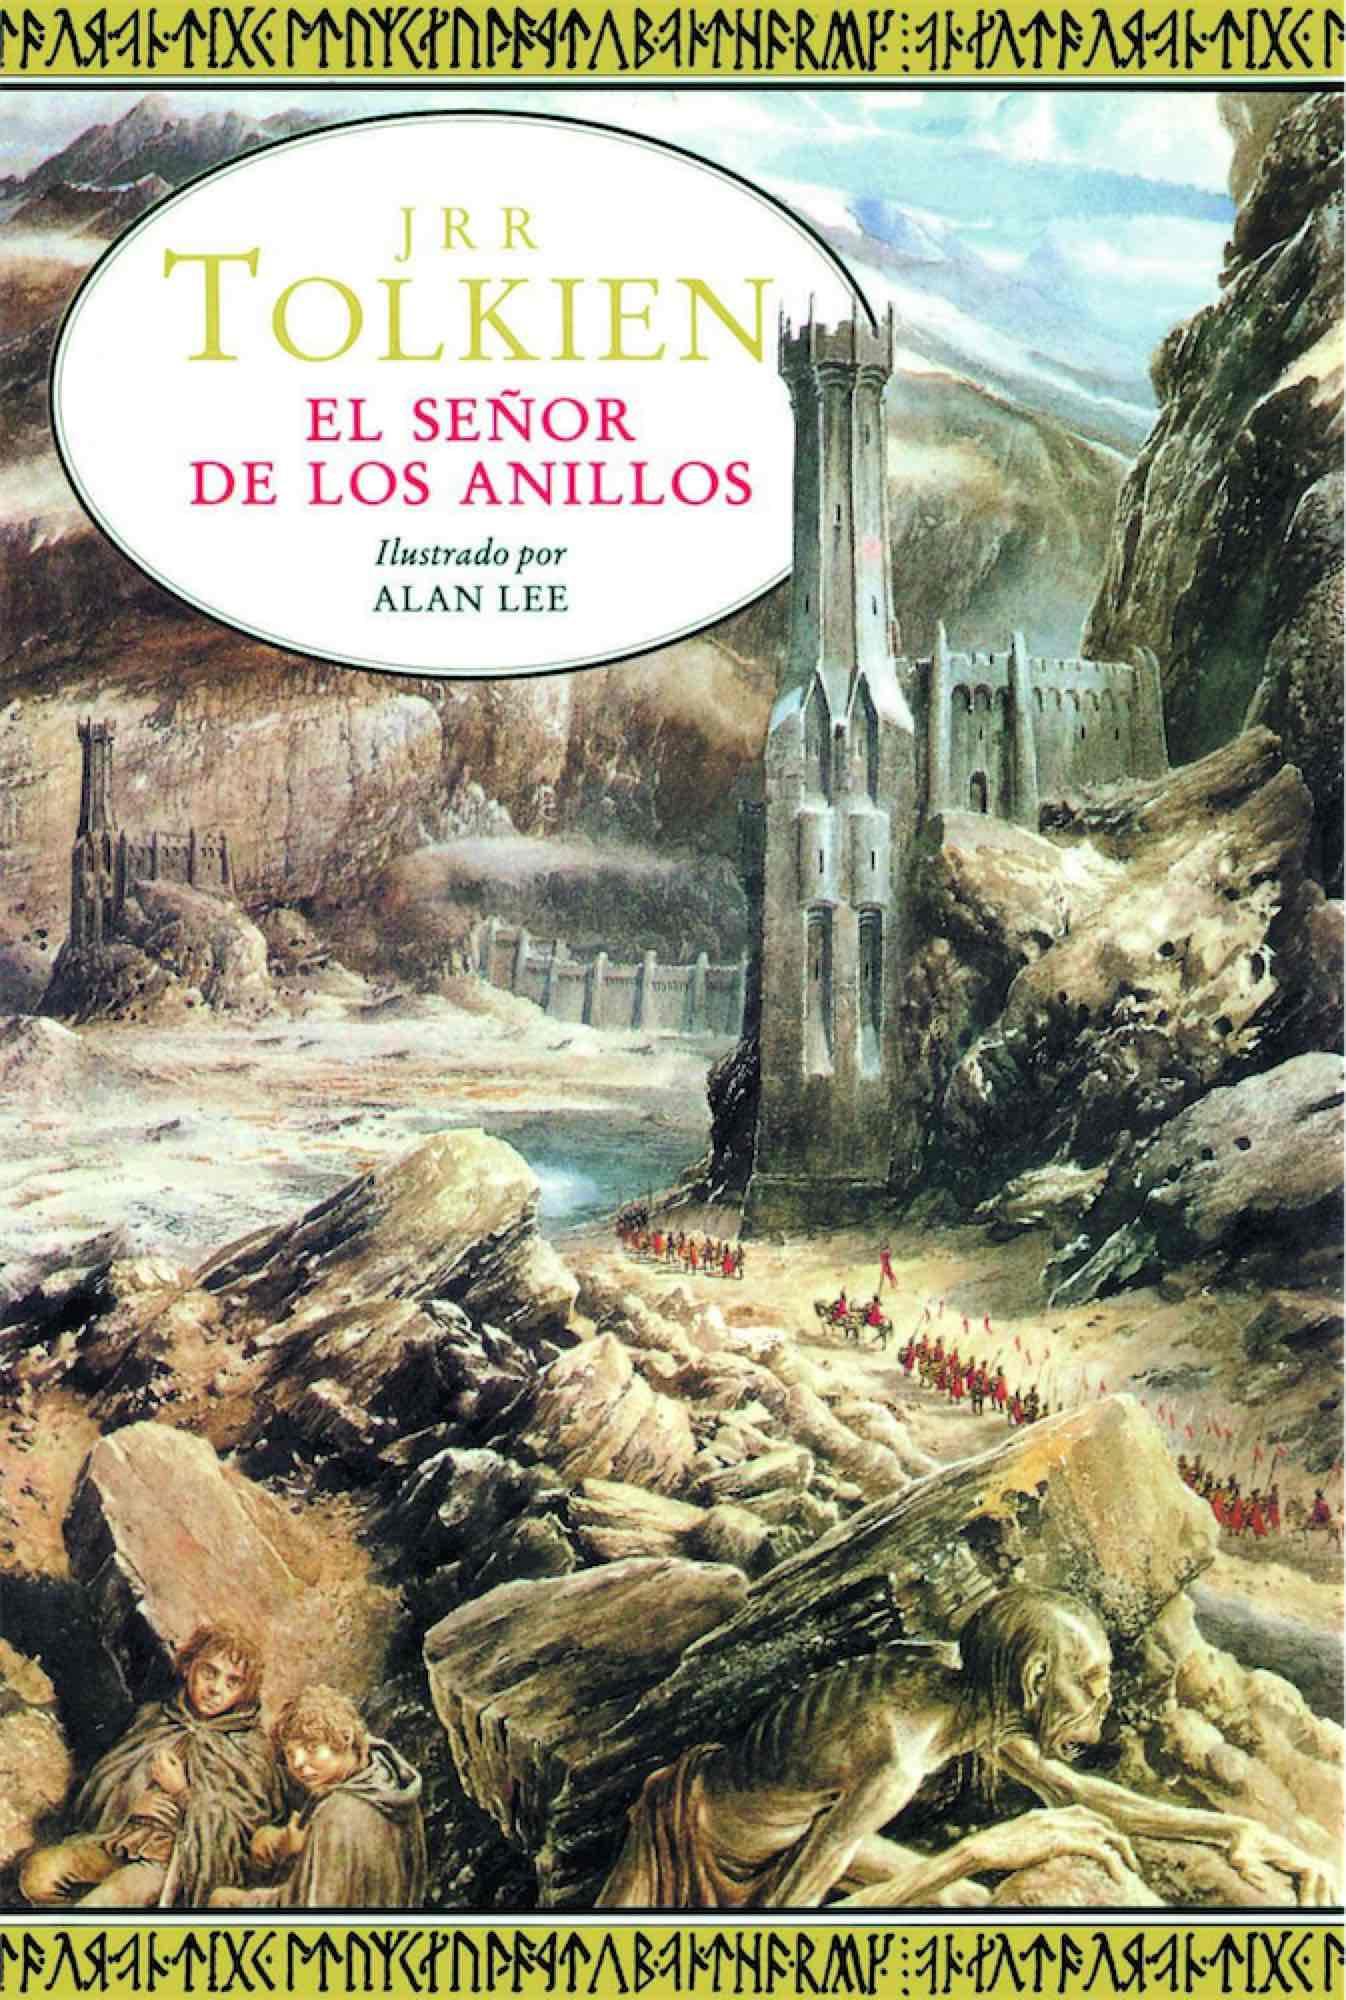 EL SEÑOR DE LOS ANILLOS ILUSTRADO POR ALAN LEE